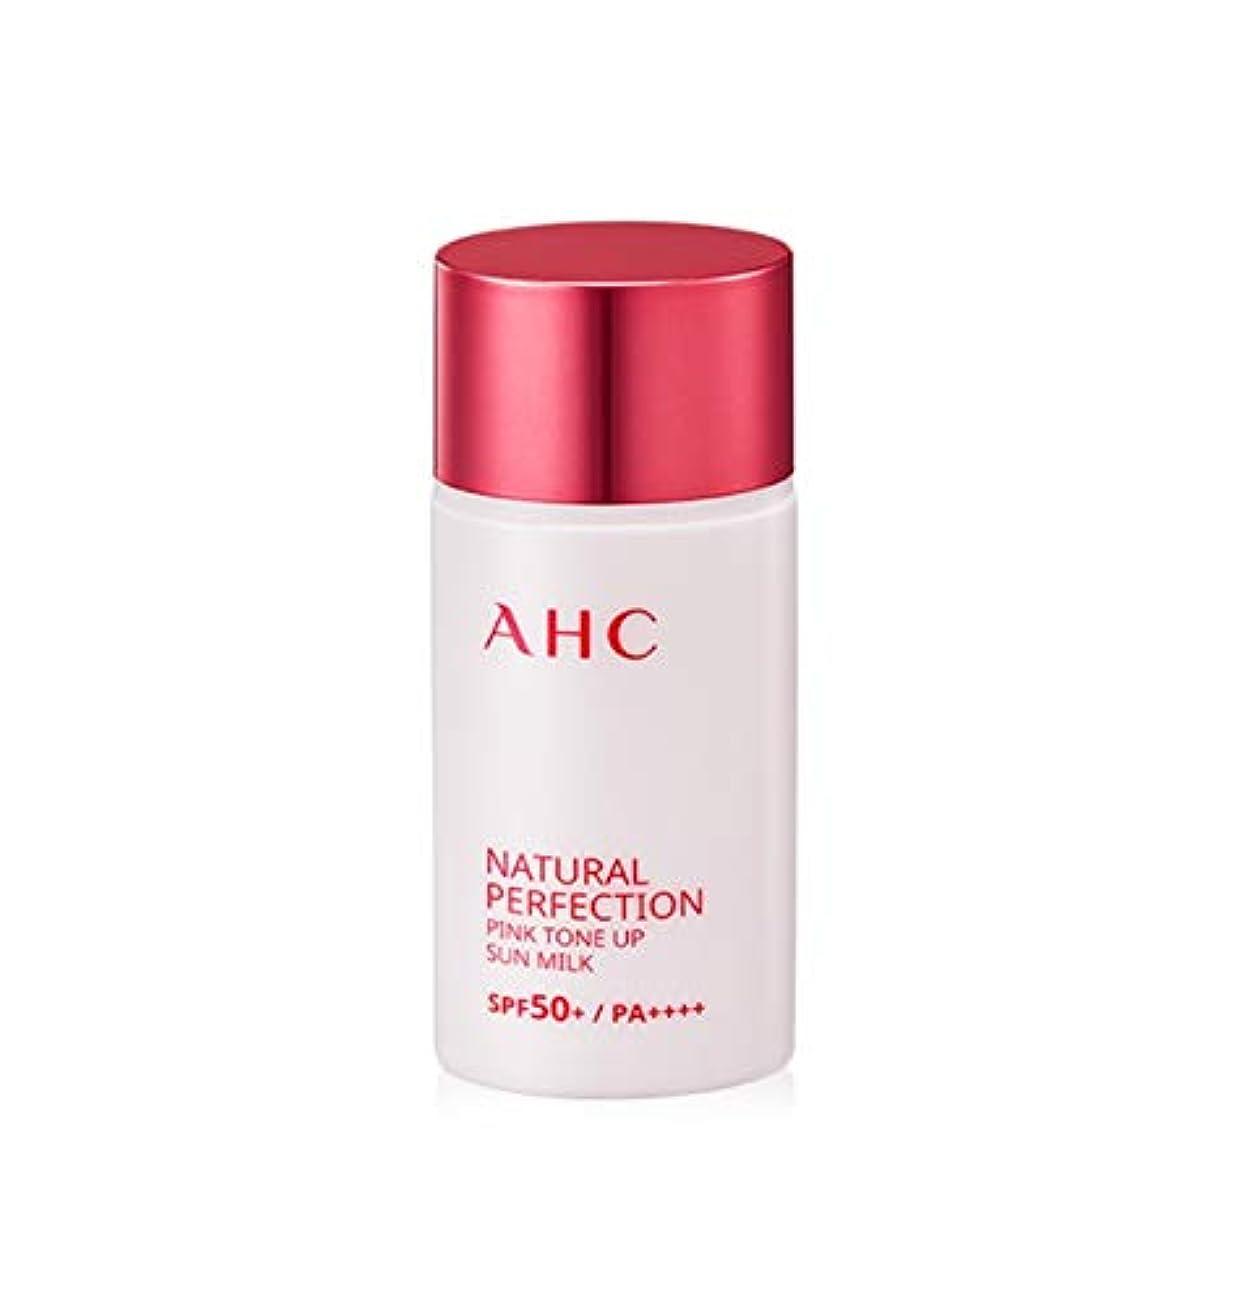 シンプトン完璧な二年生AHC ナチュラルパーフェクションピンクトンオプ線ミルク 40ml / AHC NATURAL PERFECTION PINK TONE UP SUN MILK 40ml [並行輸入品]